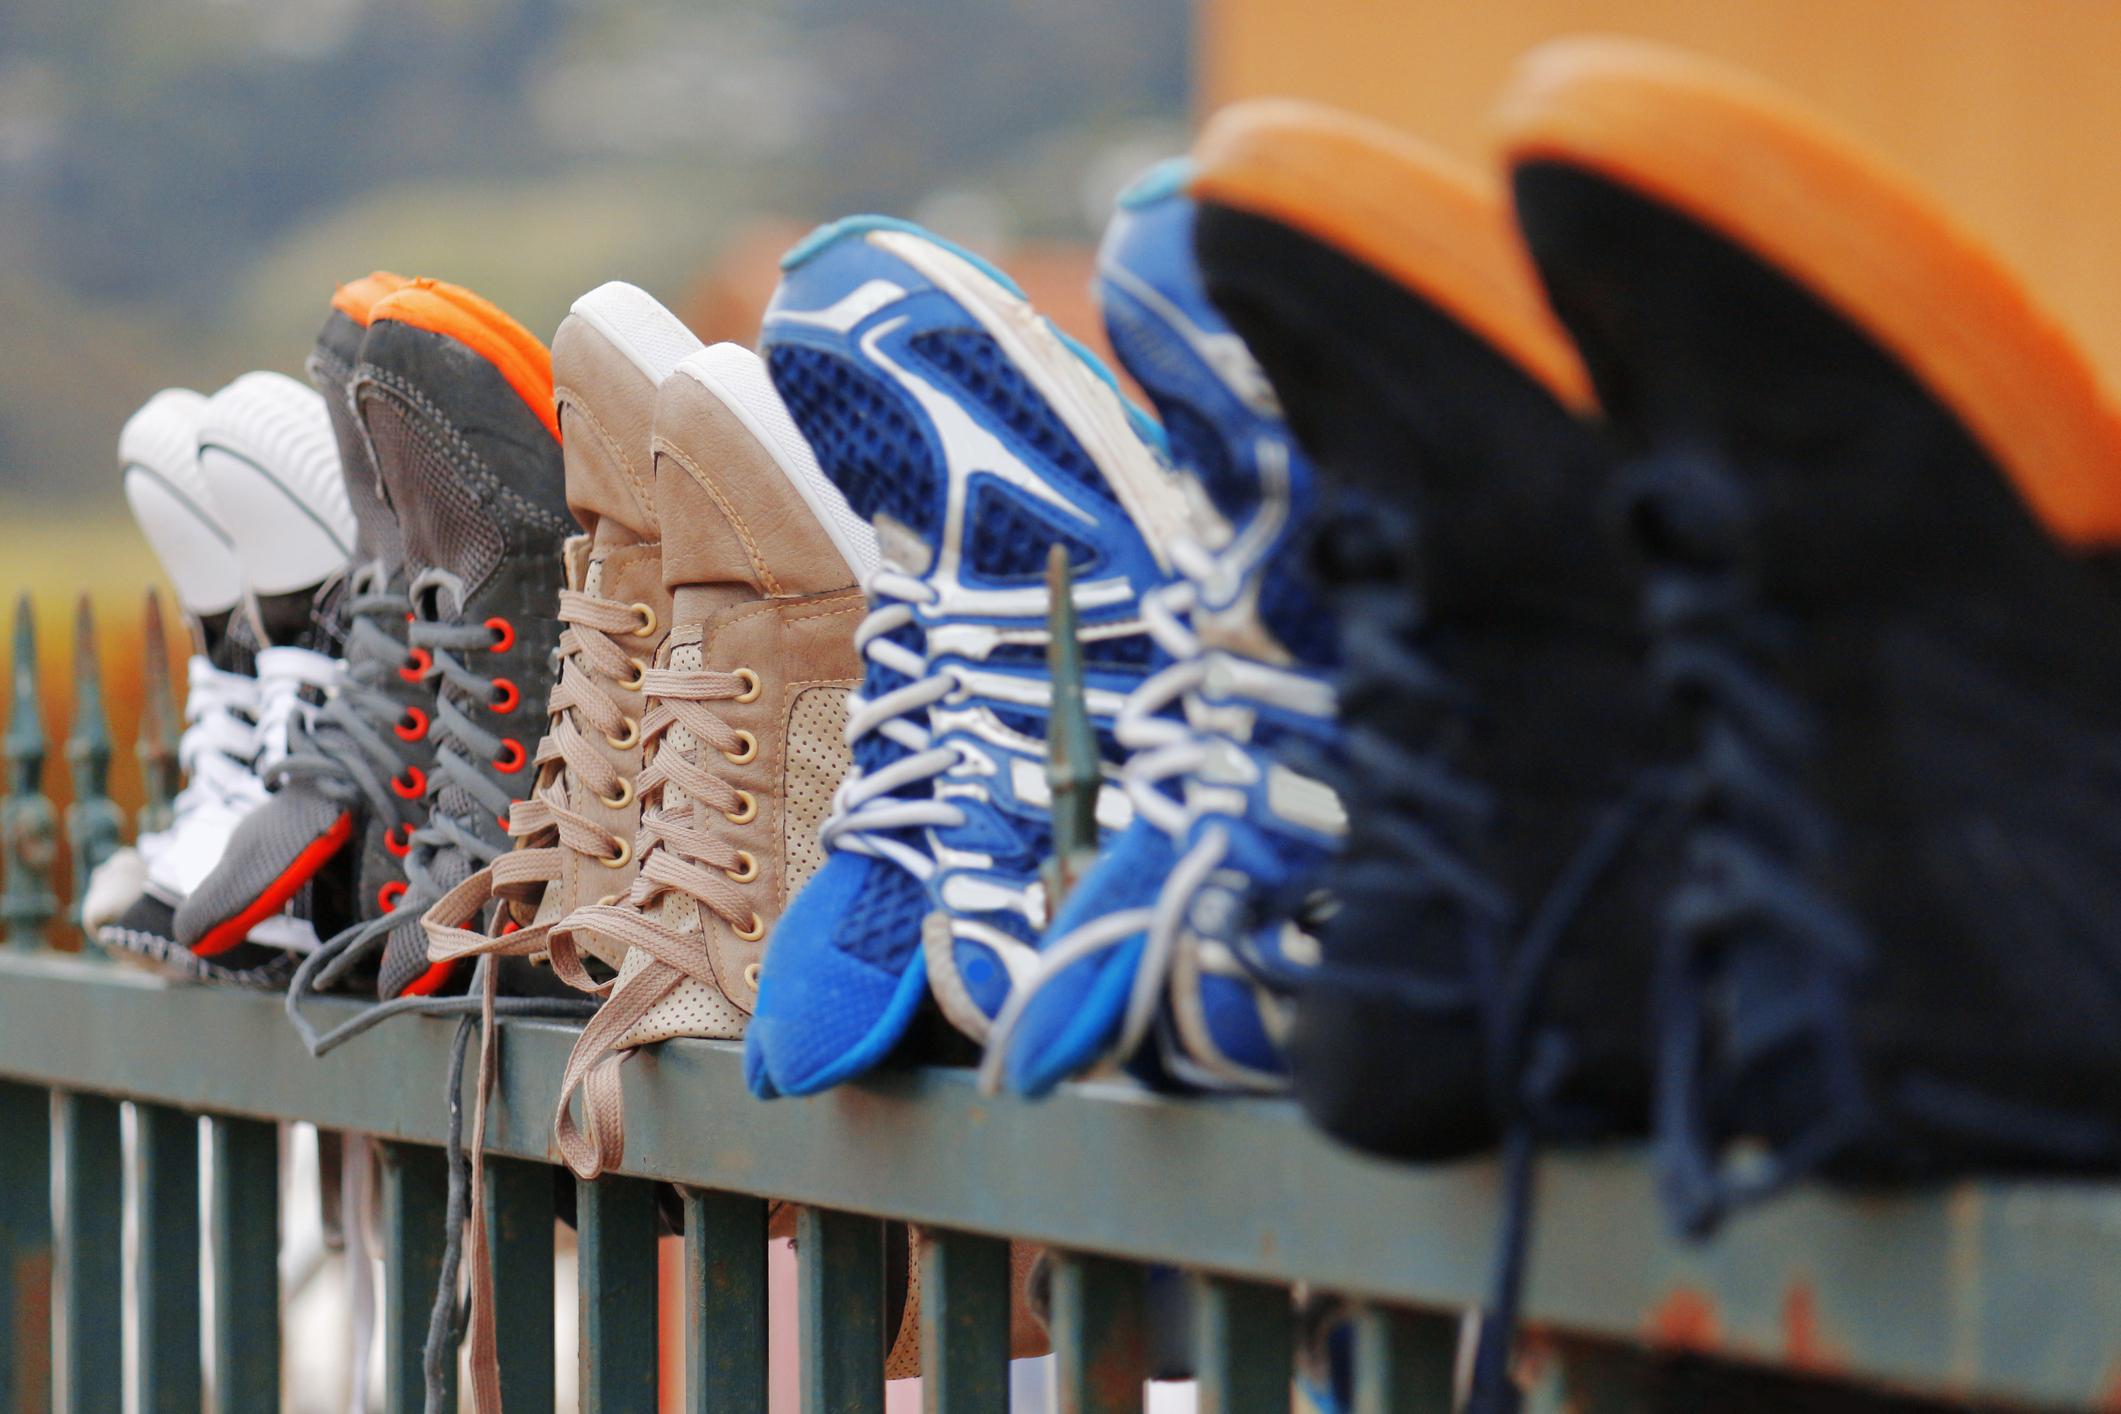 Як правильно прати кросівки, щоб продовжити їм життя